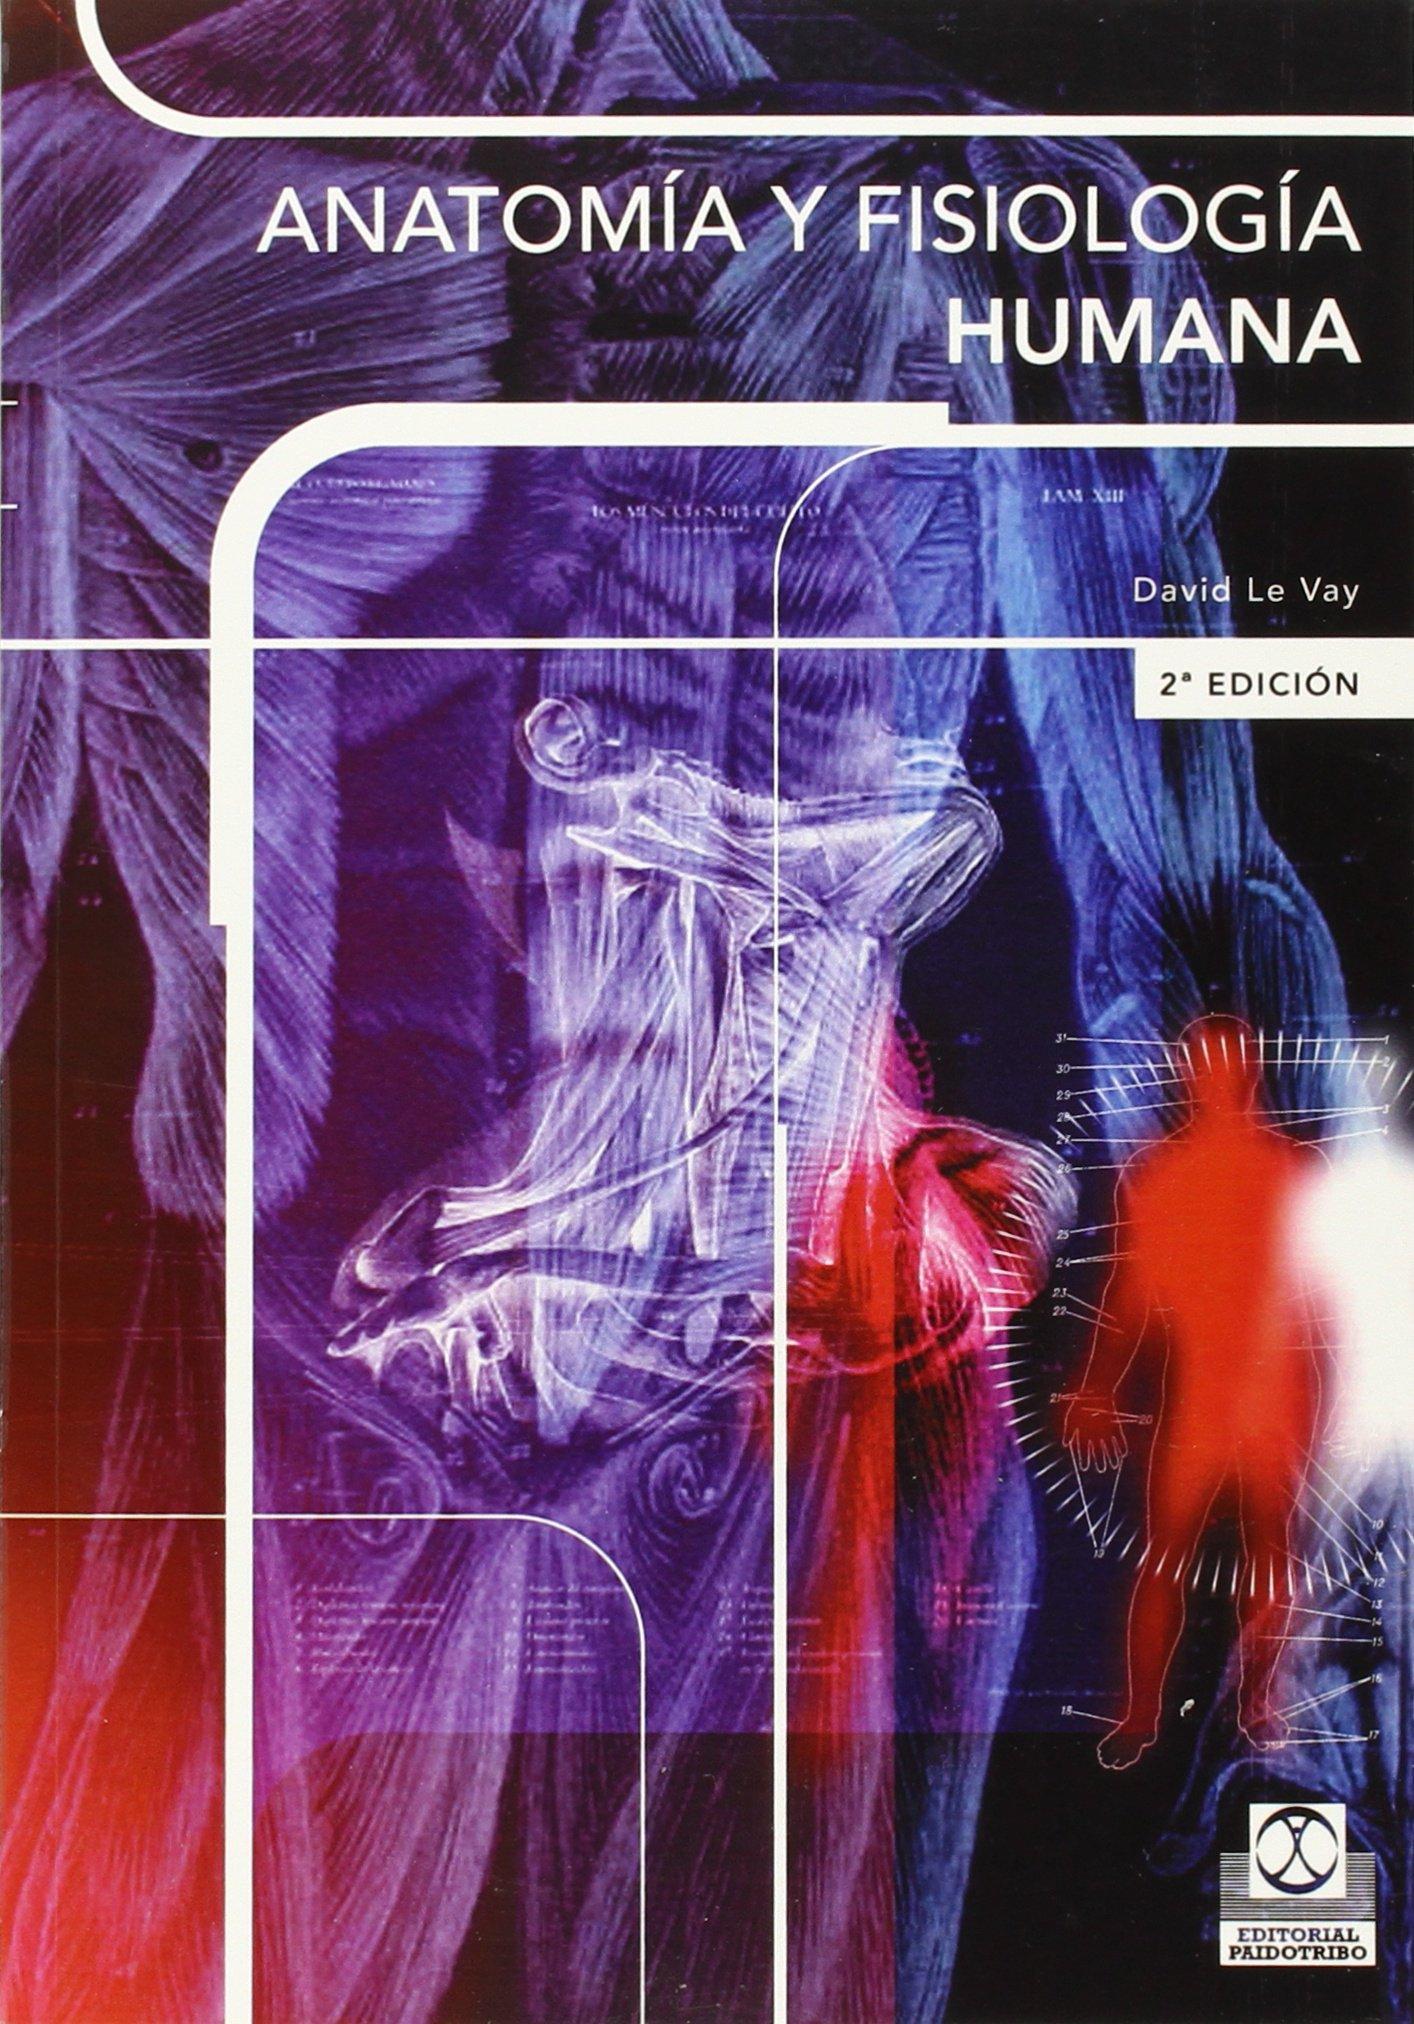 Anatomia y Fisiología Humana (Medicina): Amazon.es: David Le Vay: Libros